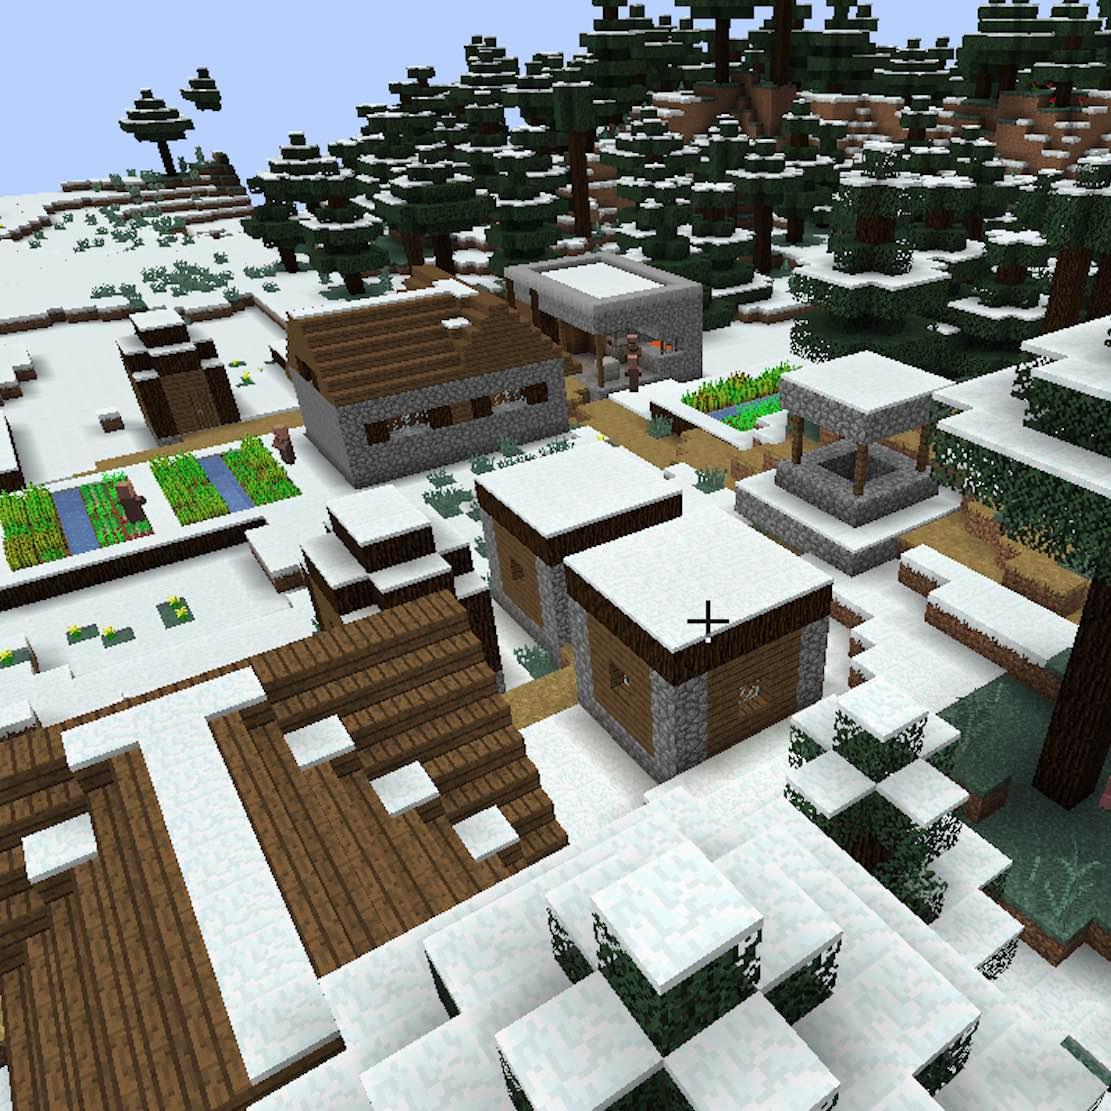 Cold Taiga village